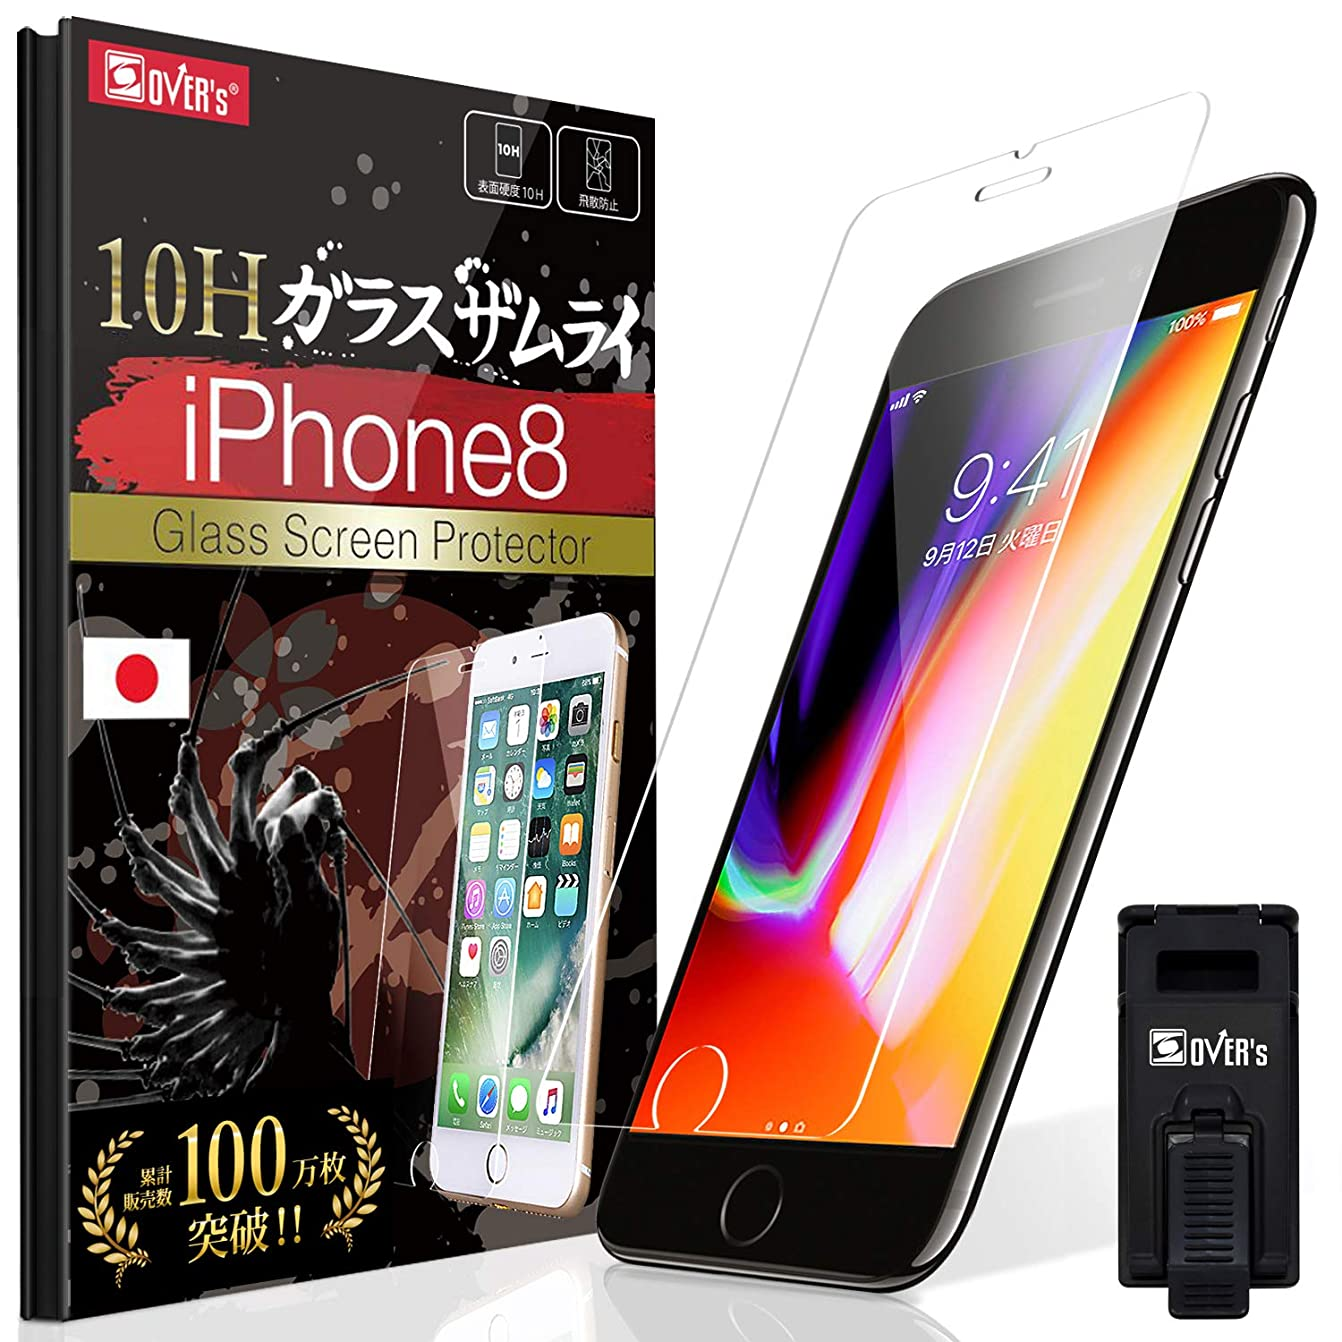 大騒ぎ宝石寄生虫【極薄タイプ】 iPhone8 ガラスフィルム アイフォン8 強化ガラスフィルム [ 日本製硝子 ] [ 約3倍の強度 ] [ 最高硬度10H ] [ 6.5時間コーティング ] OVER's ガラスザムライ (らくらくクリップ付き)